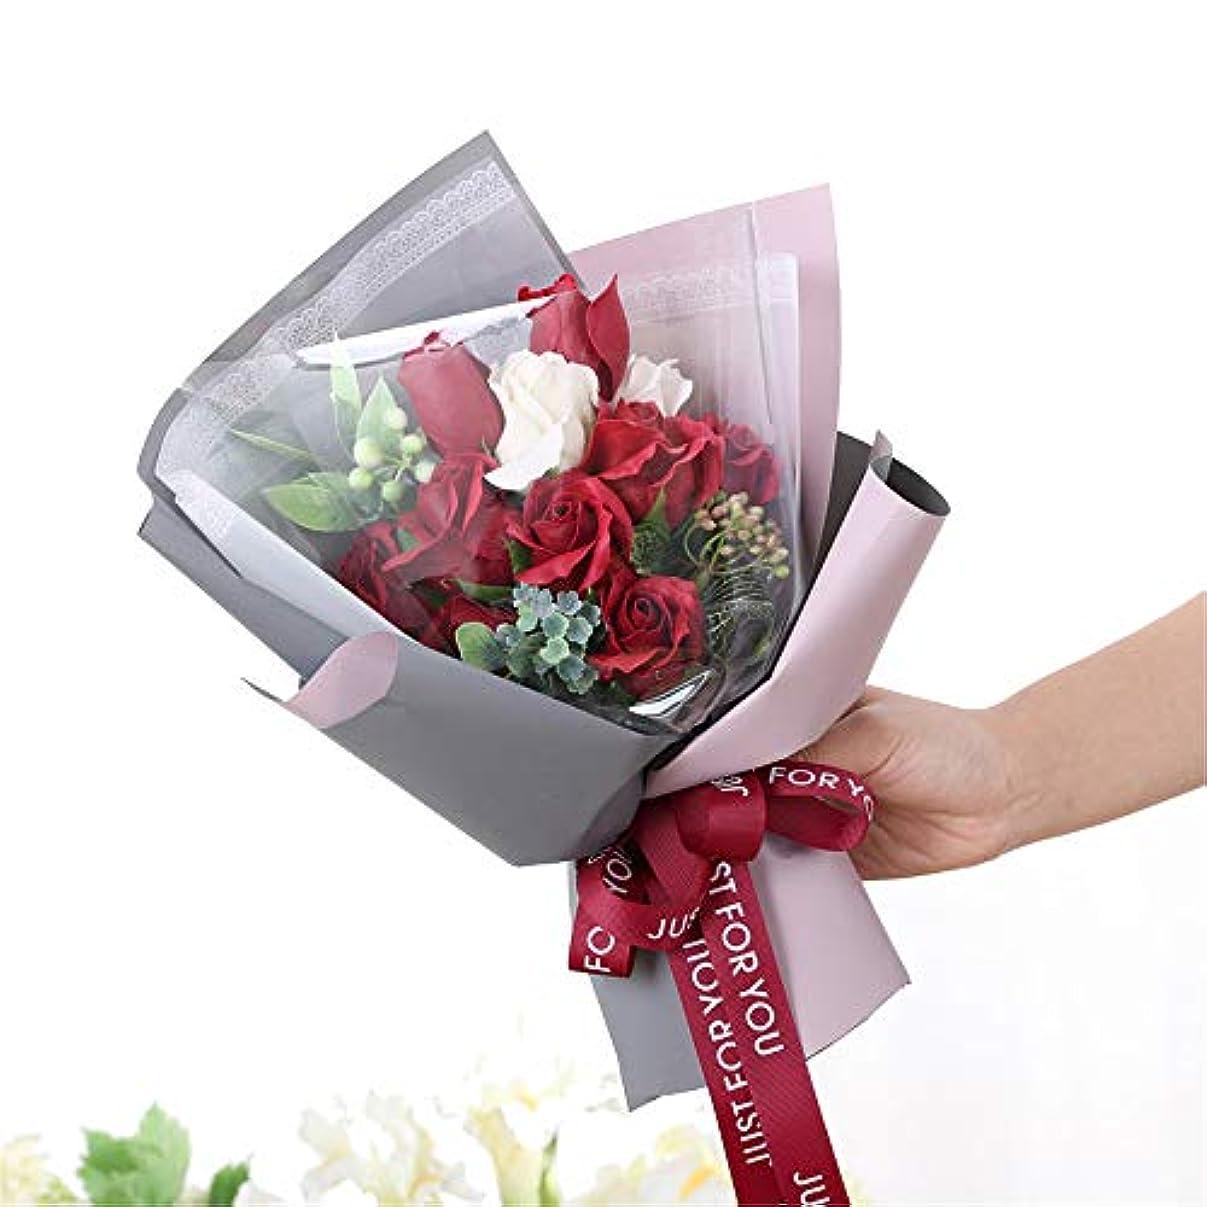 地理アスペクトスワップ手作りのバラ石鹸フラワーブーケのギフトボックス、女性のためのギフトバレンタインデー、母の日、結婚式、クリスマス、誕生日を愛した女の子 (色 : 赤)